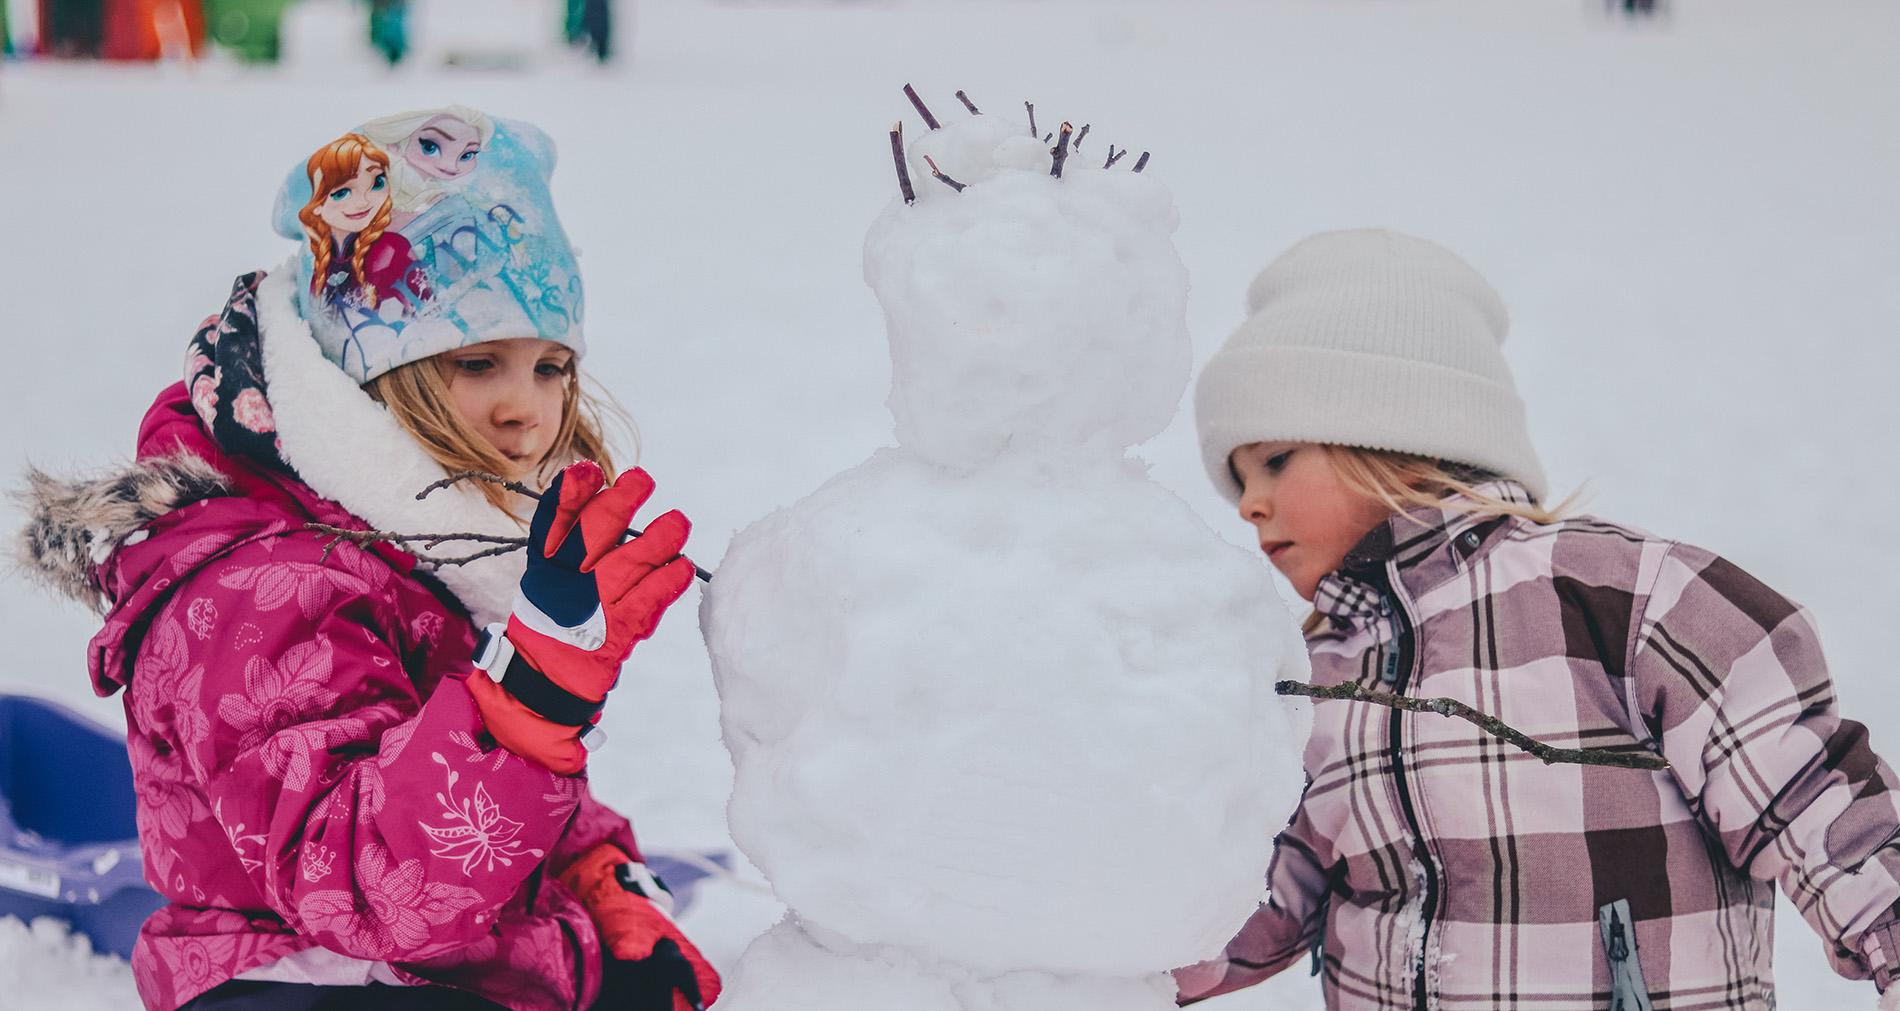 nenas-muneco-nieve1900